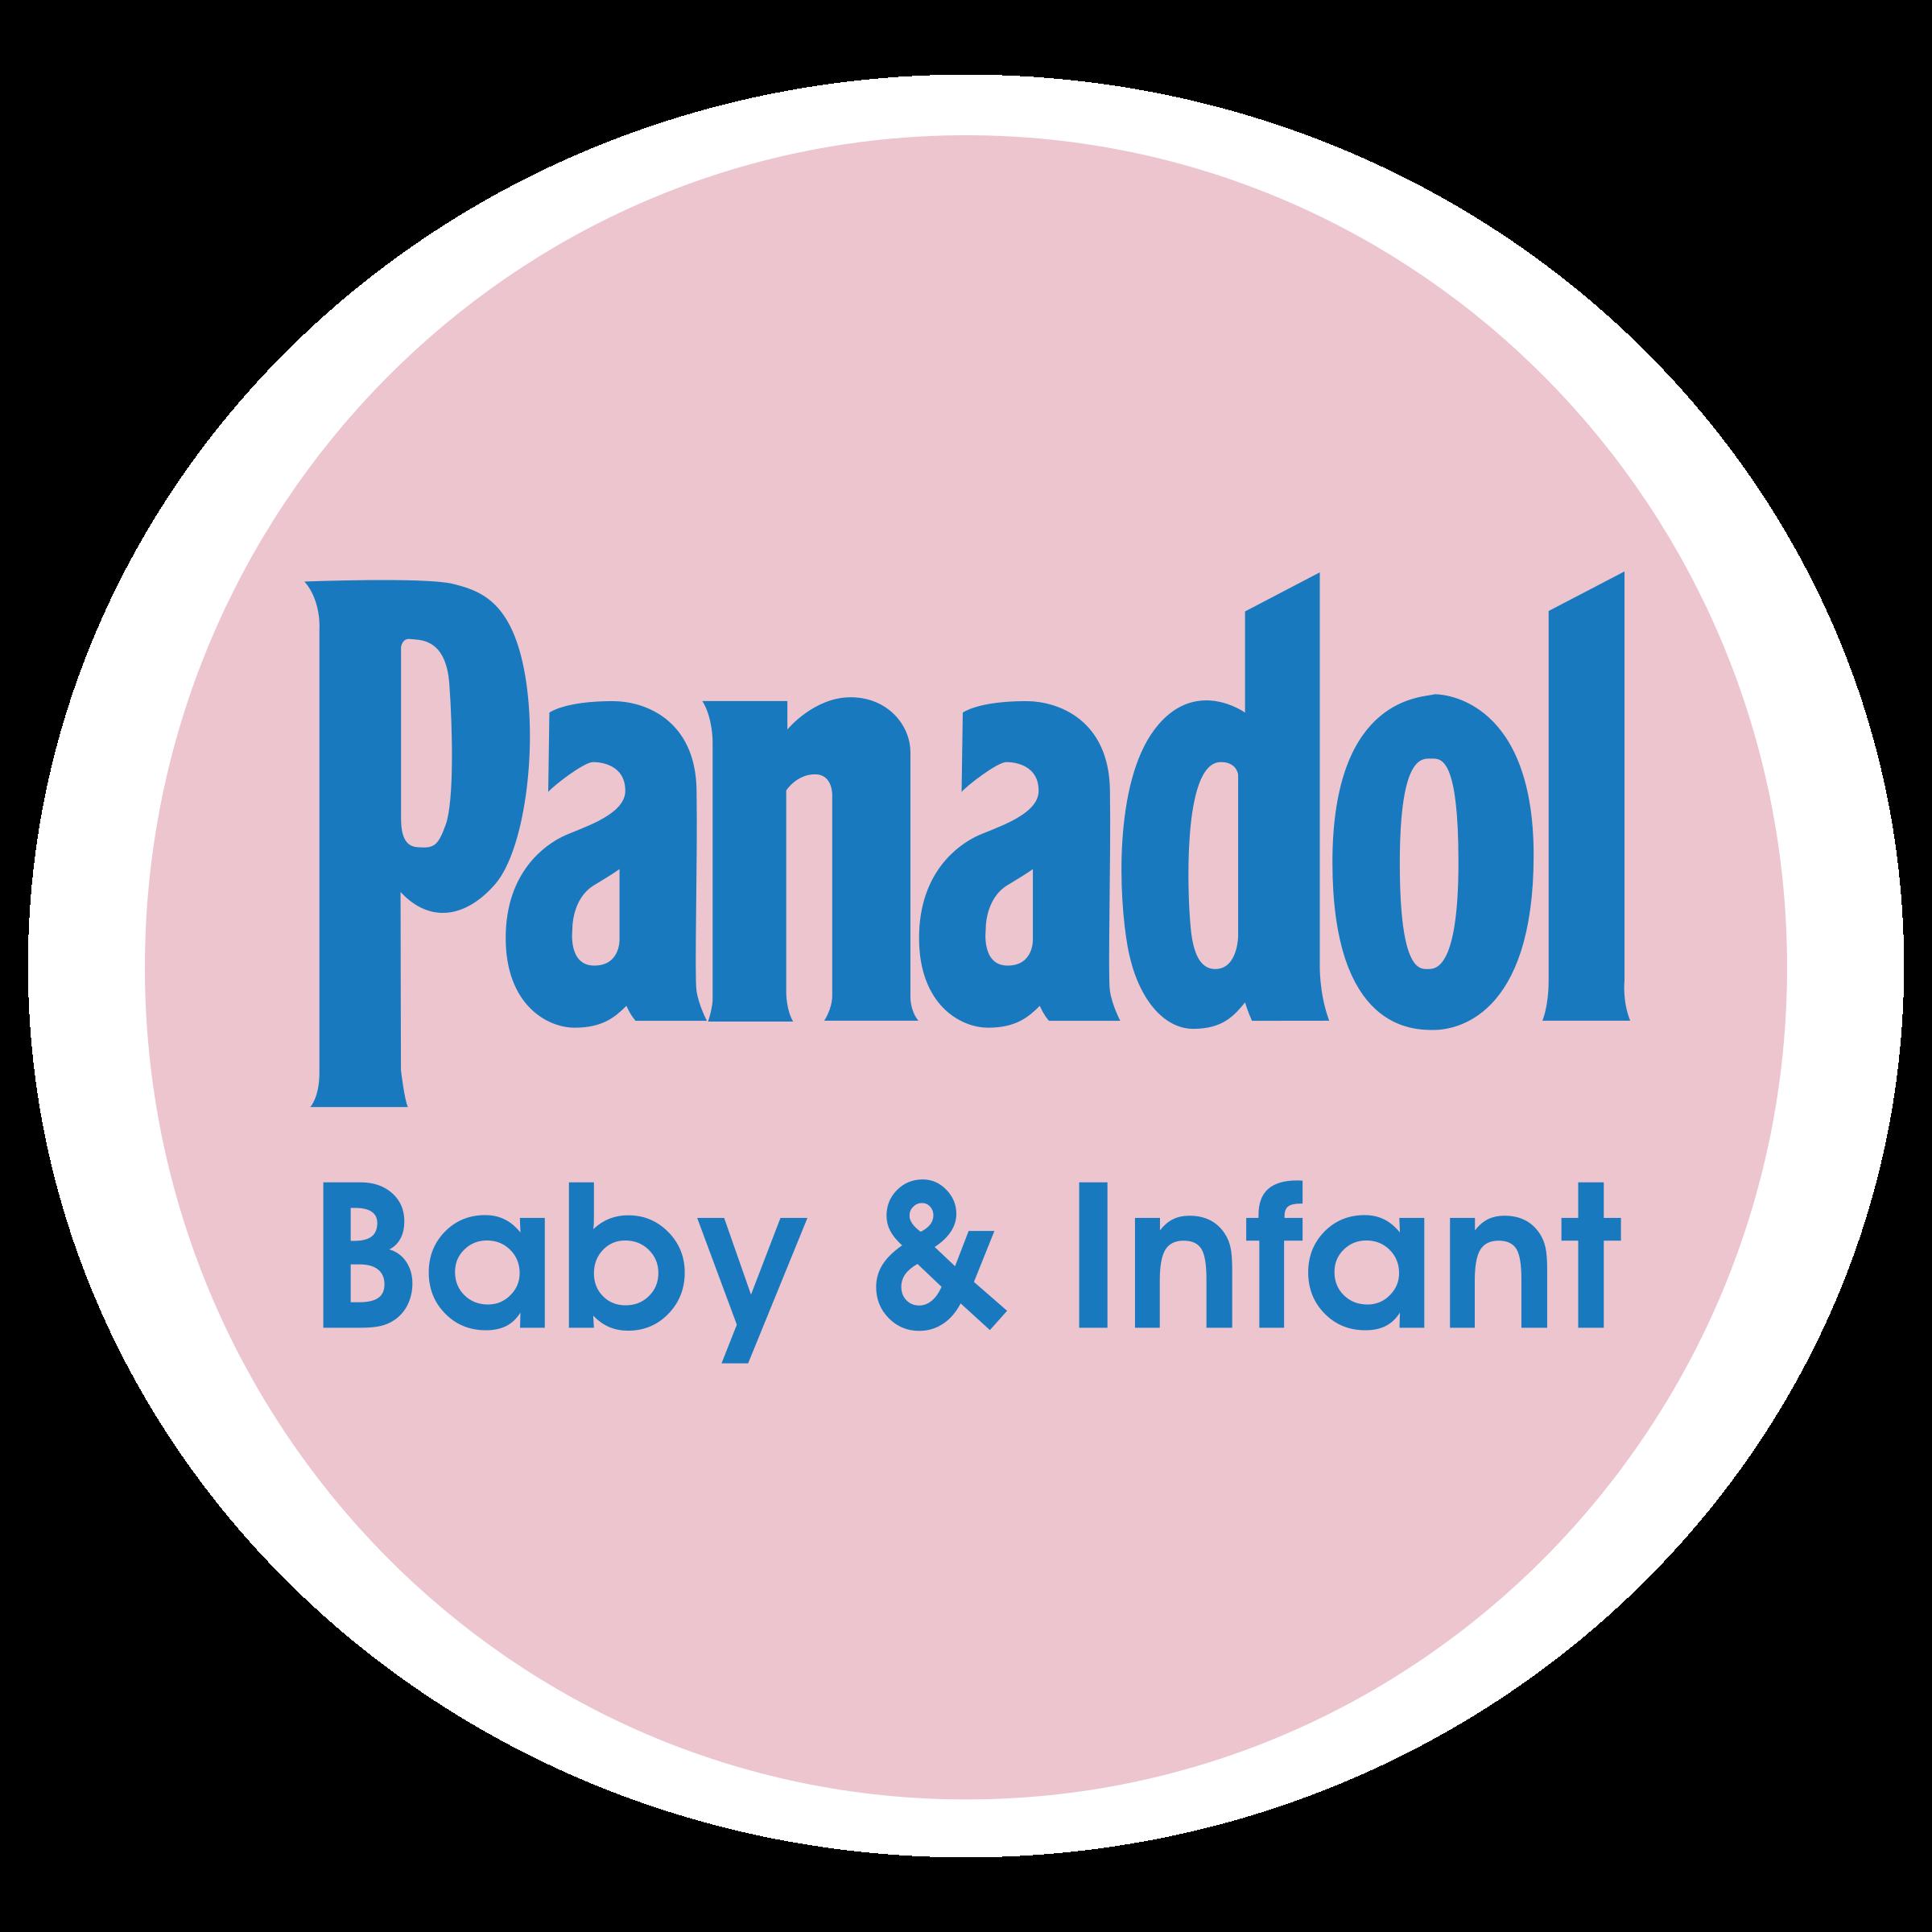 Panadol Logo PNG Transparent & SVG Vector.